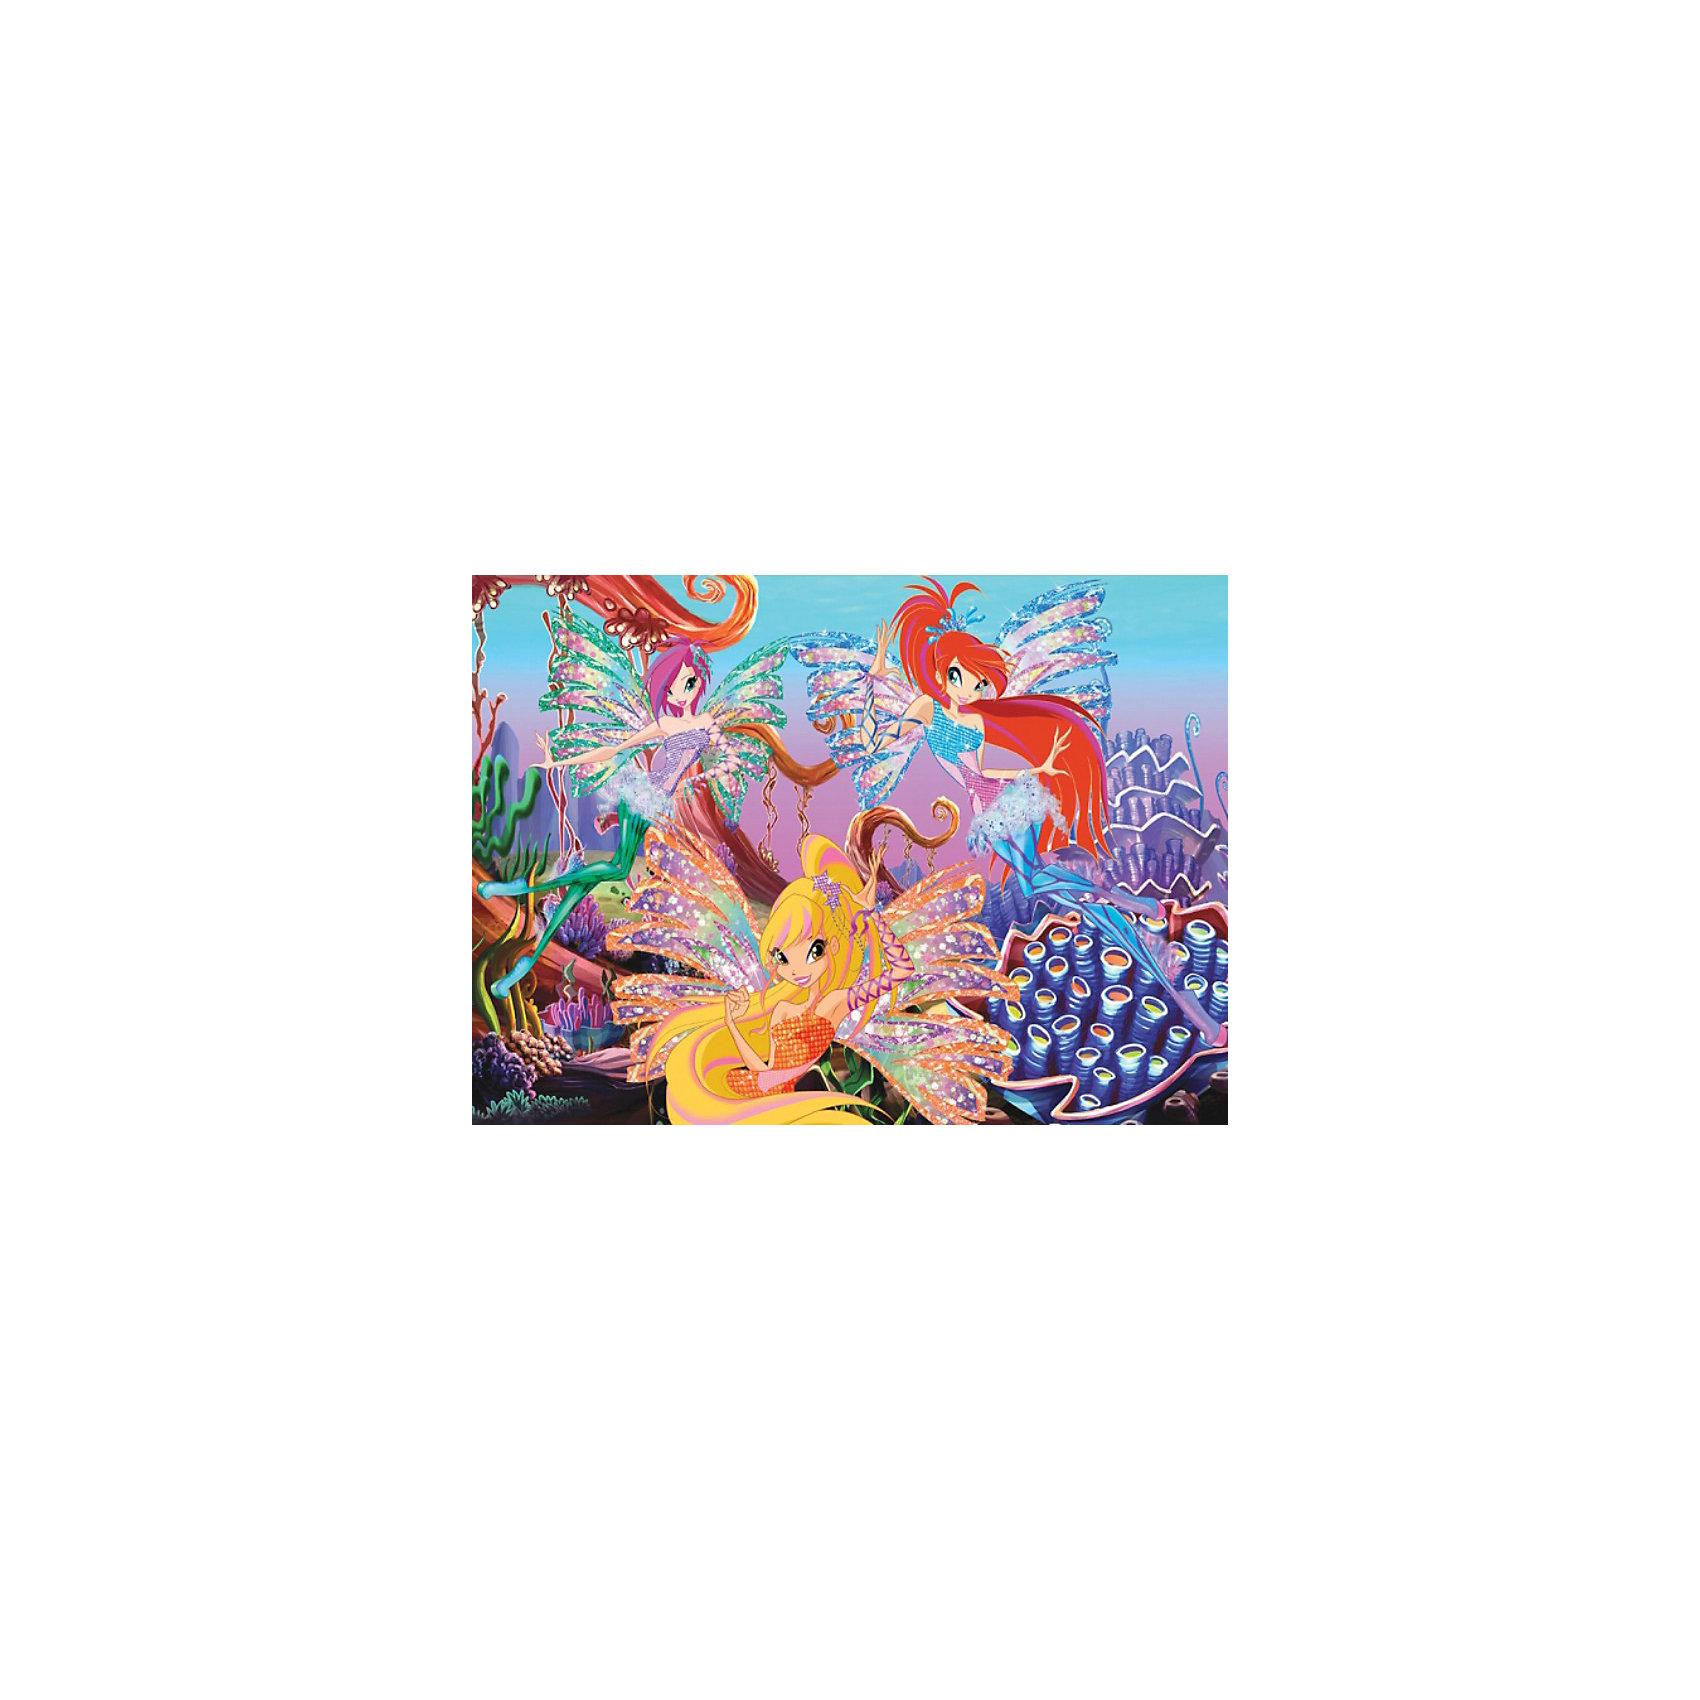 Пазл Морской риф, Winx Club, 260 деталей, CastorlandПорадуйте себя и своего ребенка великолепным Пазлом Морской риф, Winx Club (Винкс Клаб), 260 деталей, Castorland (Касторлэнд) с изображением героинь популярного мультфильма Школа волшебниц!<br><br>Школа волшебниц повествует о приключениях маленьких фей, обучающихся магии. Каждая из маленьких волшебниц обладает собственным неповторимым характером, отличительными чертами, моделями поведения и, конечно же, уникальным стилем. На картинке пазла феи изображены на фоне морского дна. Яркие и качественные детали пазла привлекут внимание ребенка и позволят ему с удовольствием собирать картинку. <br><br>Особенности:<br>-Способствуют развитию образного и логического мышления, наблюдательности, мелкой моторики<br>-Высокое качество: точная нарезка, обеспечивающая стыковку деталей, качественная проработка деталей картинки, яркая цветовая гамма<br>-Изготовлено из экологического сырья<br>-Матовая поверхность исключает неприятные отблески<br><br>Комплектация: 260 деталей<br><br>Дополнительная информация:<br><br>-Размеры собранного пазла: 32х23 см<br>-Материал: картон<br><br>Пазл высокого качества с ярким и интересным изображением из любимого мультфильма приятно получать в подарок и интересно складывать!<br><br>Пазл Морской риф, Winx Club (Винкс Клаб), 260 деталей, Castorland (Касторлэнд) можно купить в нашем магазине.<br><br>Ширина мм: 245<br>Глубина мм: 175<br>Высота мм: 37<br>Вес г: 150<br>Возраст от месяцев: 36<br>Возраст до месяцев: 1188<br>Пол: Женский<br>Возраст: Детский<br>Количество деталей: 260<br>SKU: 3574396